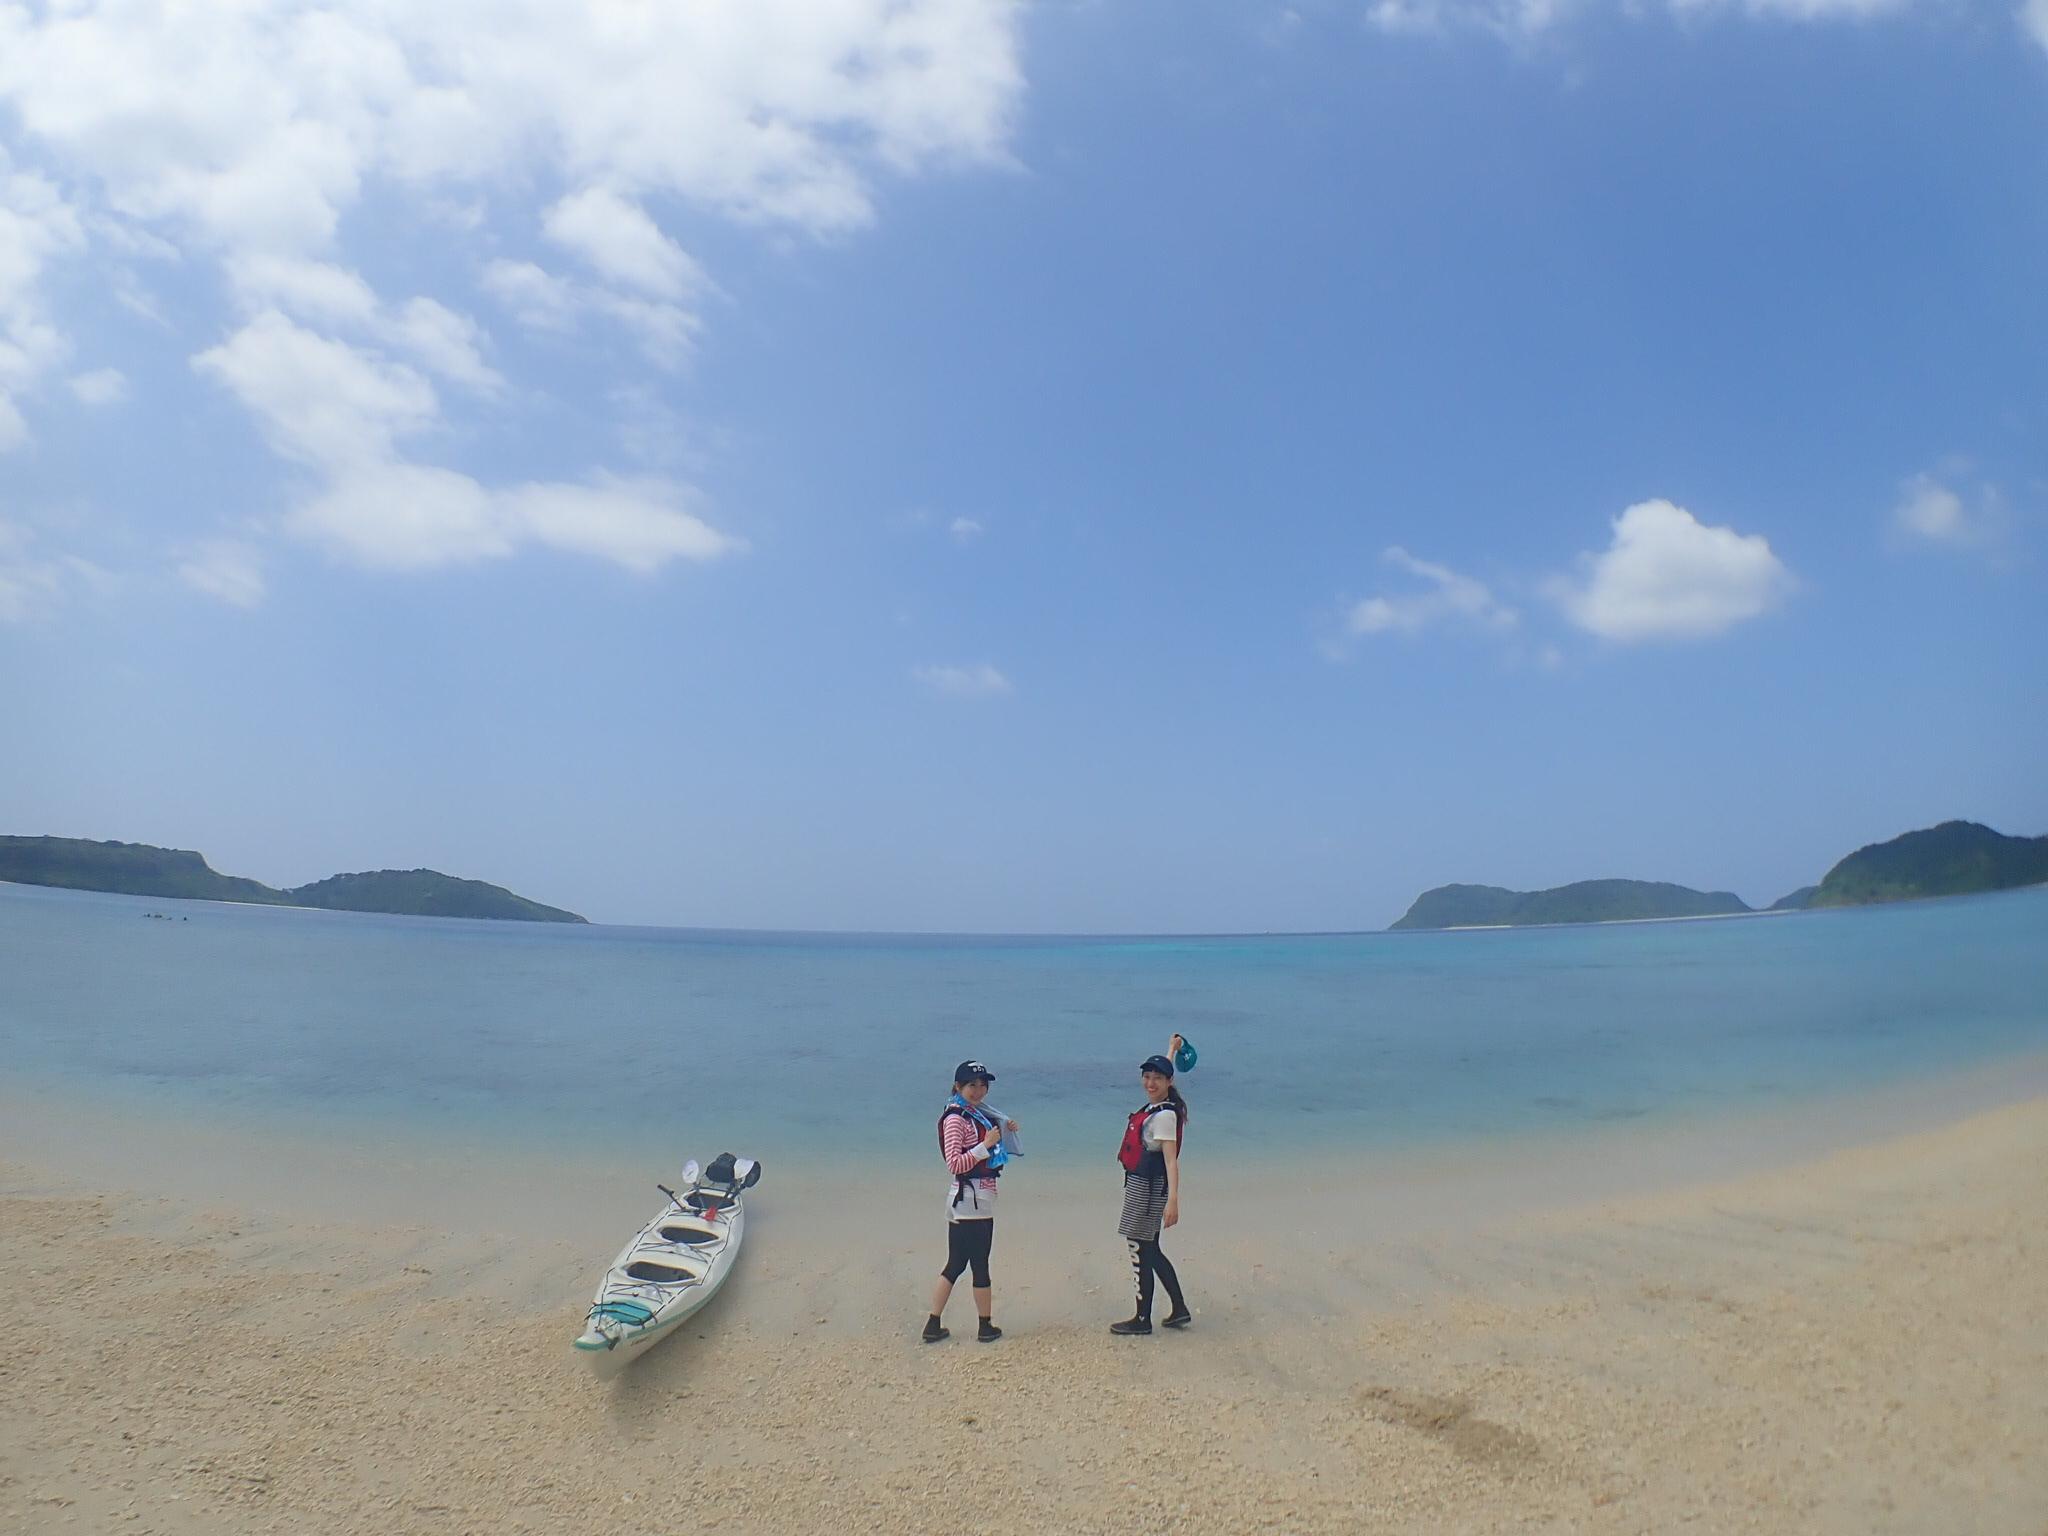 半日ツアーで西表島で一番綺麗なビーチ イダの浜へ